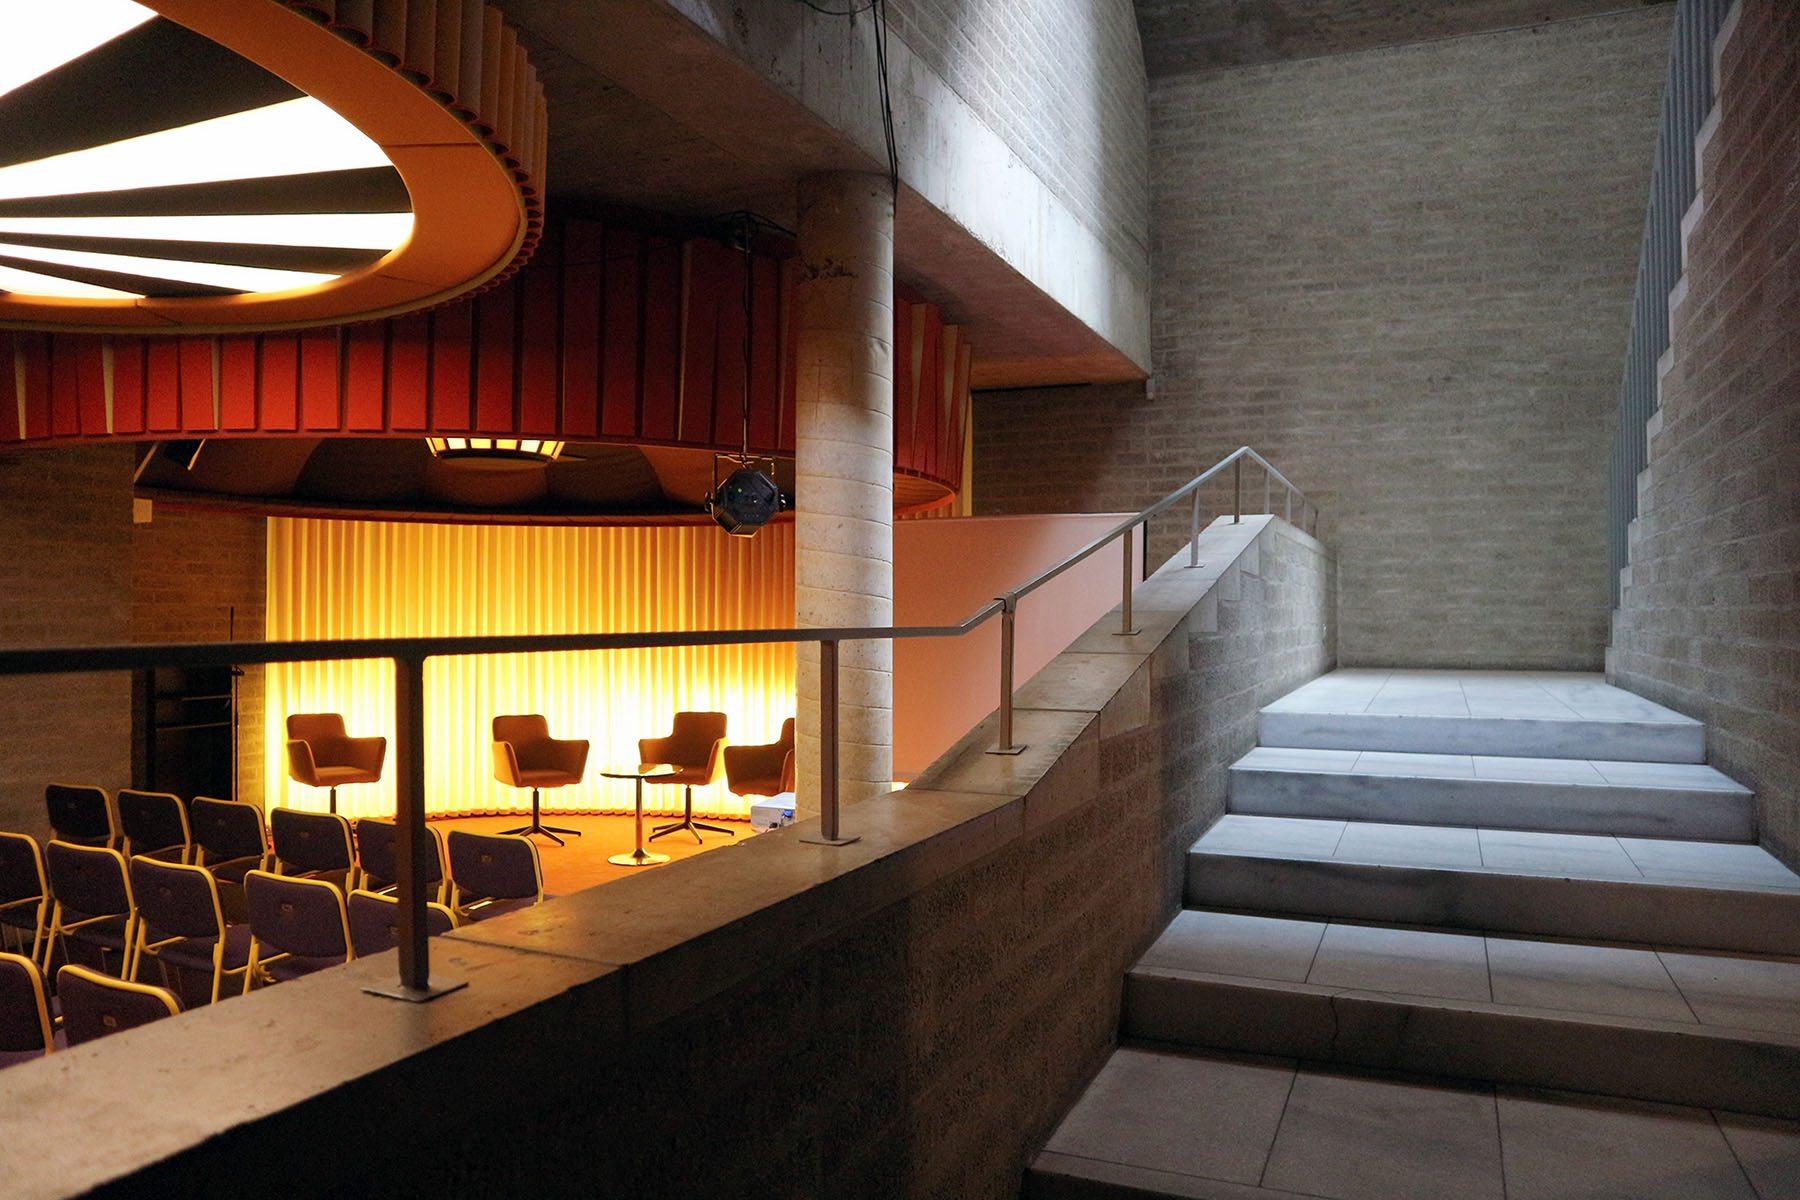 Ein Set für das Schmela Haus. Bar und Saal.. ... with their kitschy retro/sci-fi design, contrast wonderfully with Eyck's rough grey.